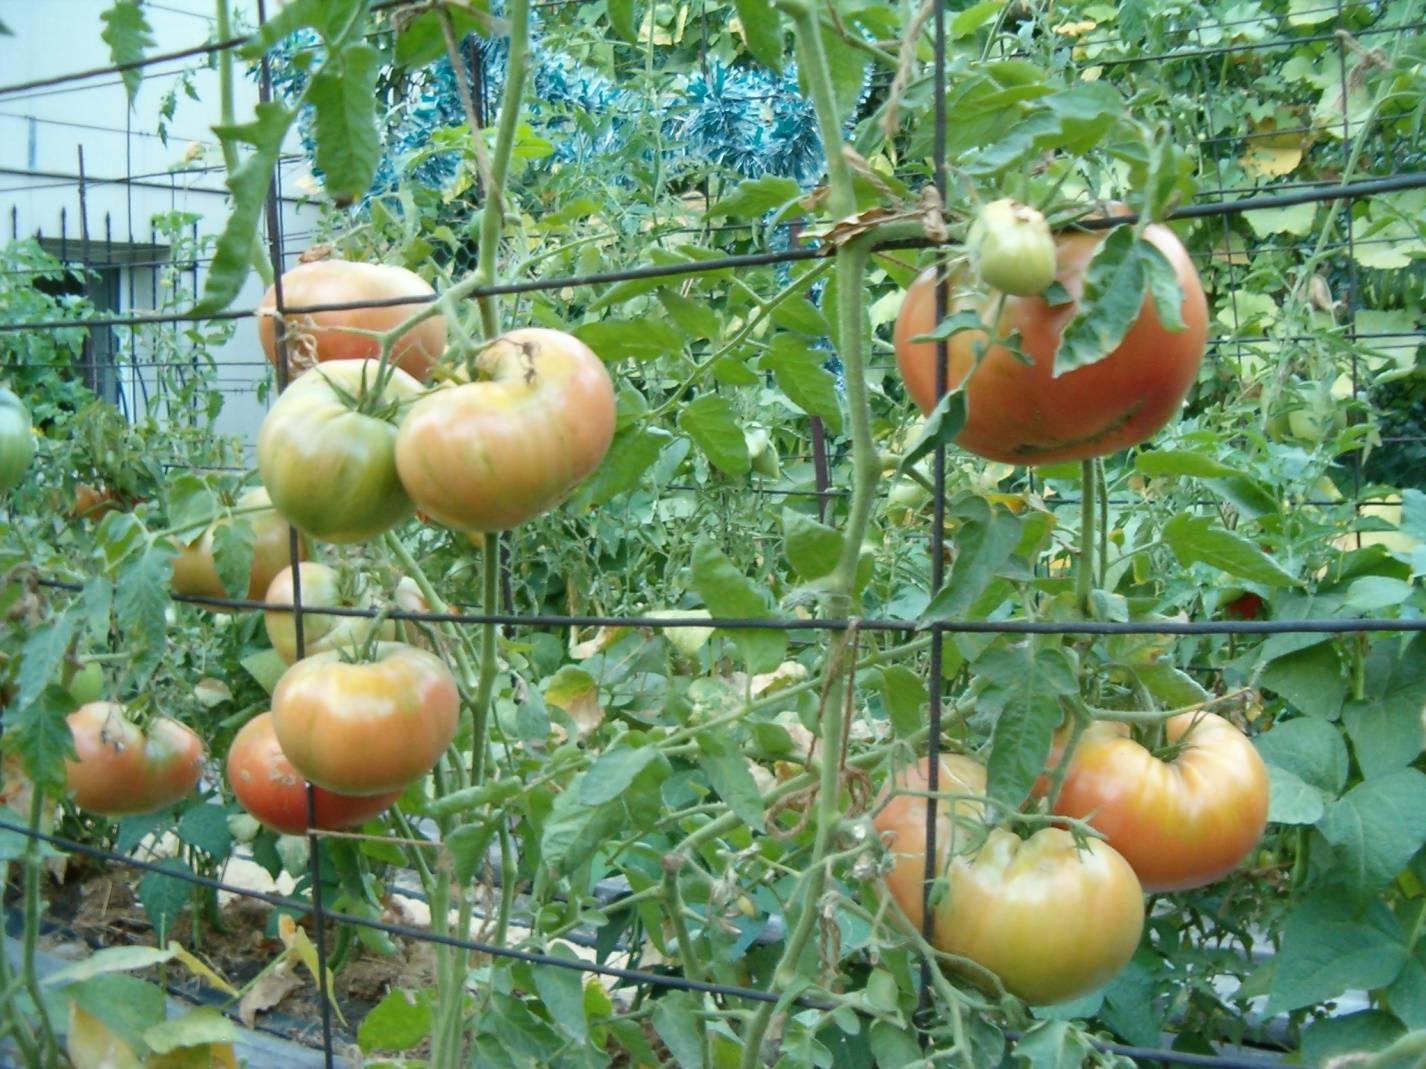 Томат король рынка: описание сорта, фото, отзывы, урожайность